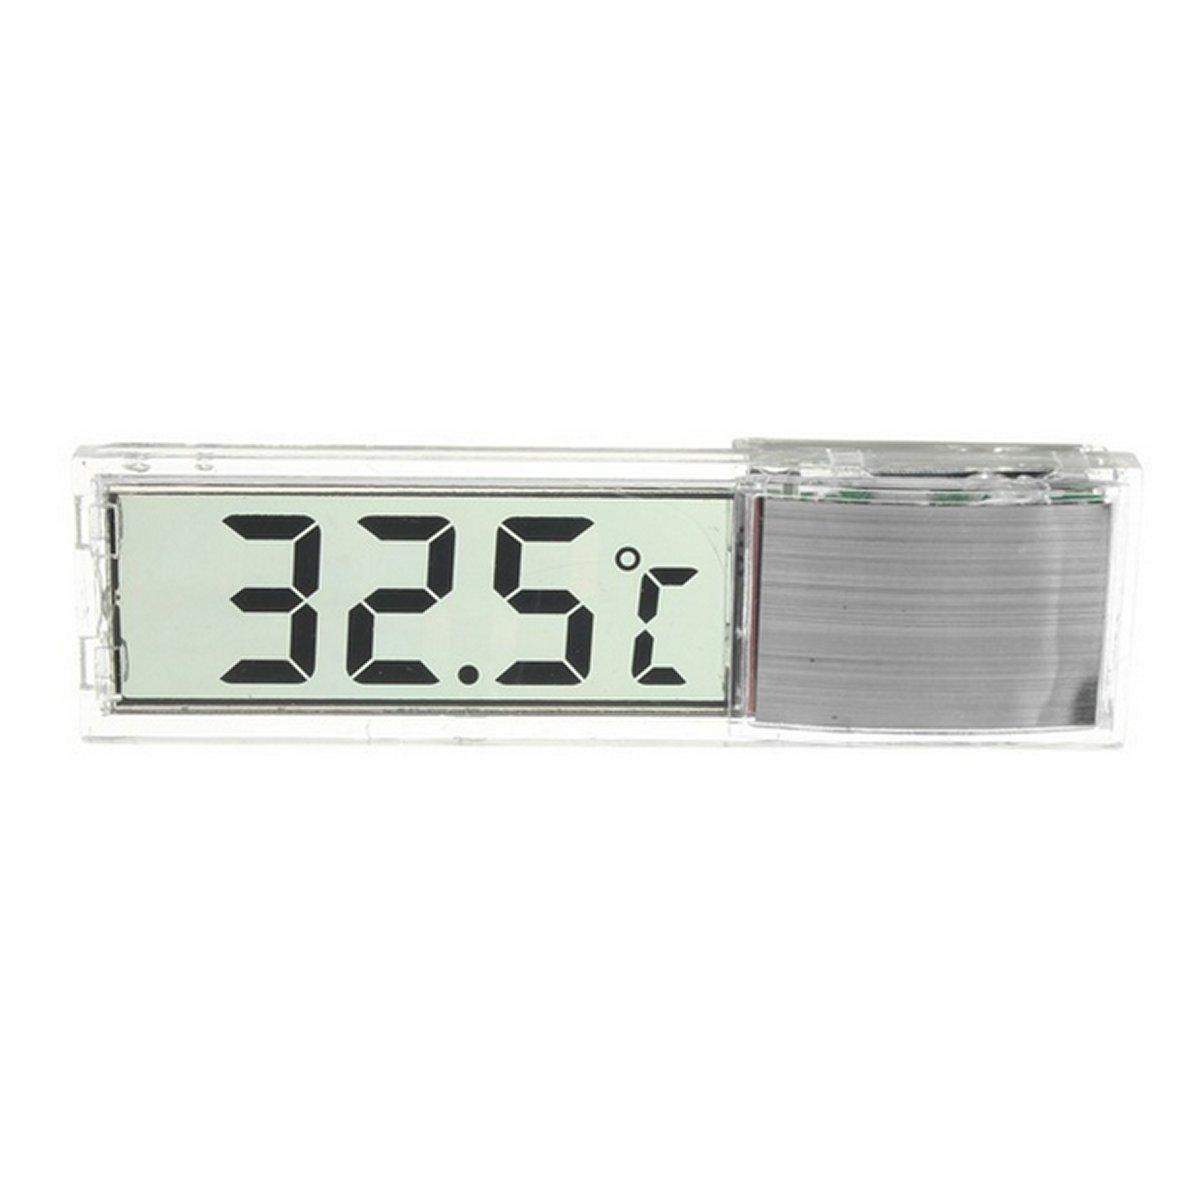 termometro digitale lcd per acquario e terrario ulisse